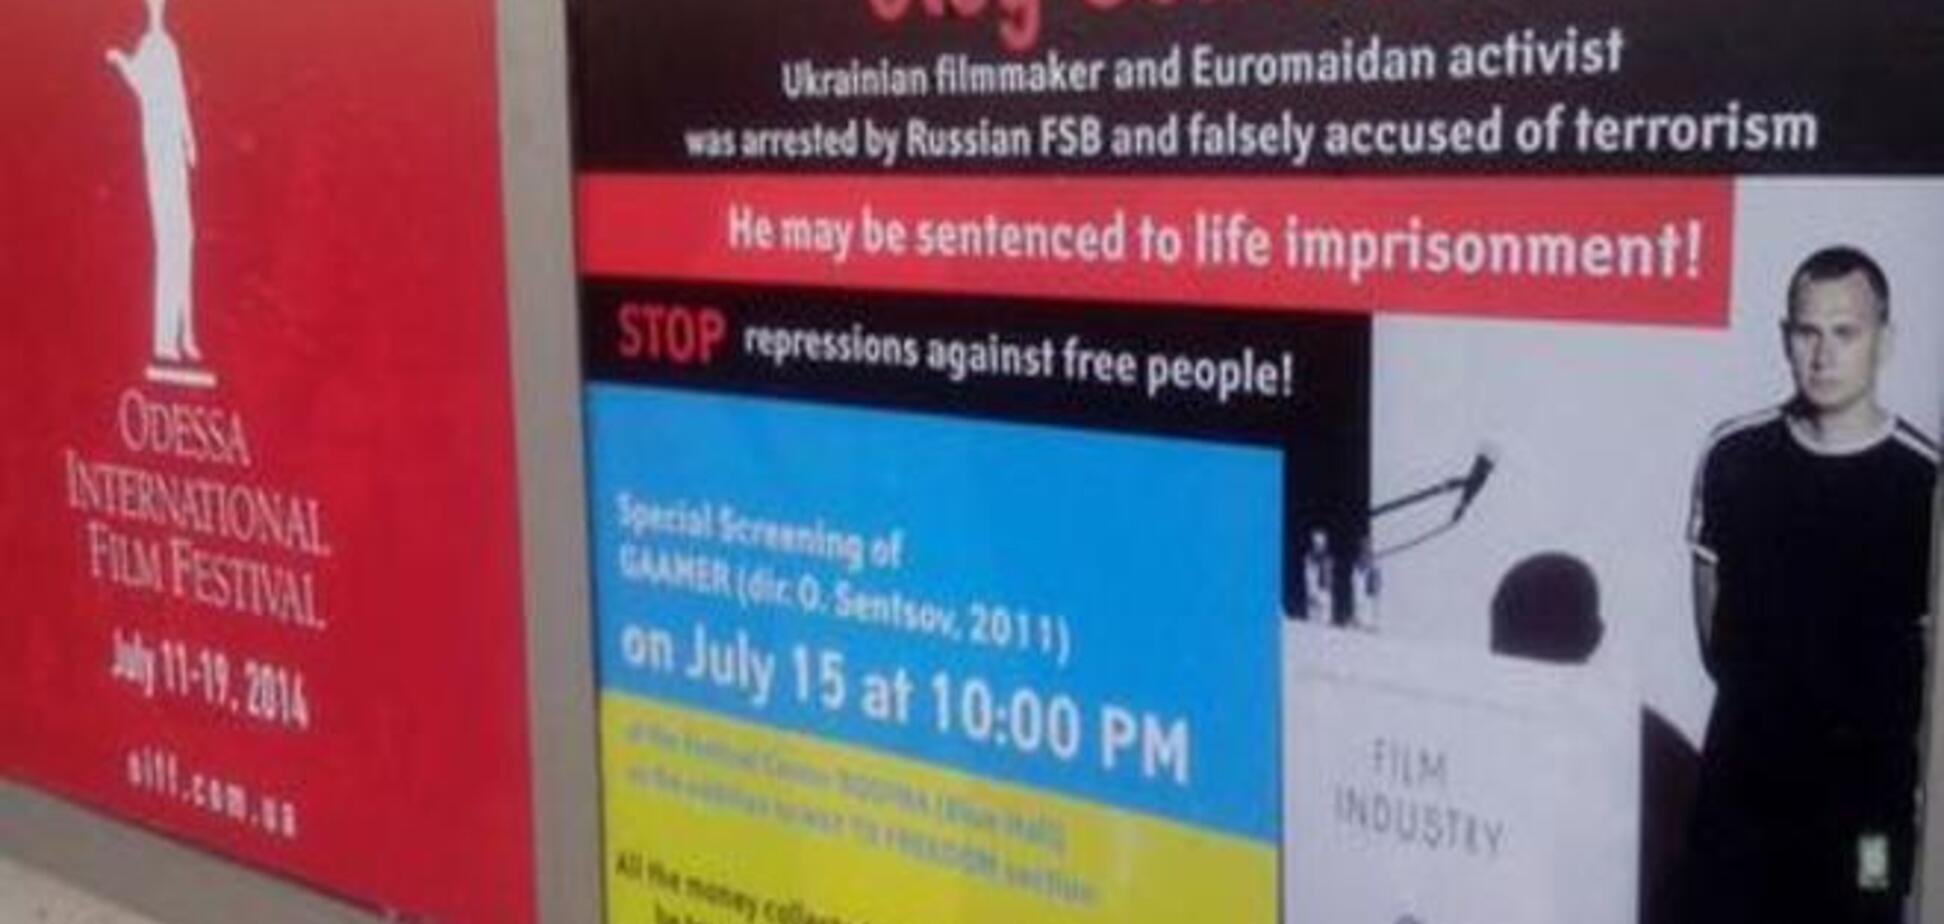 Олега Сенцова оставили под стражей до 11 апреля 2015 года